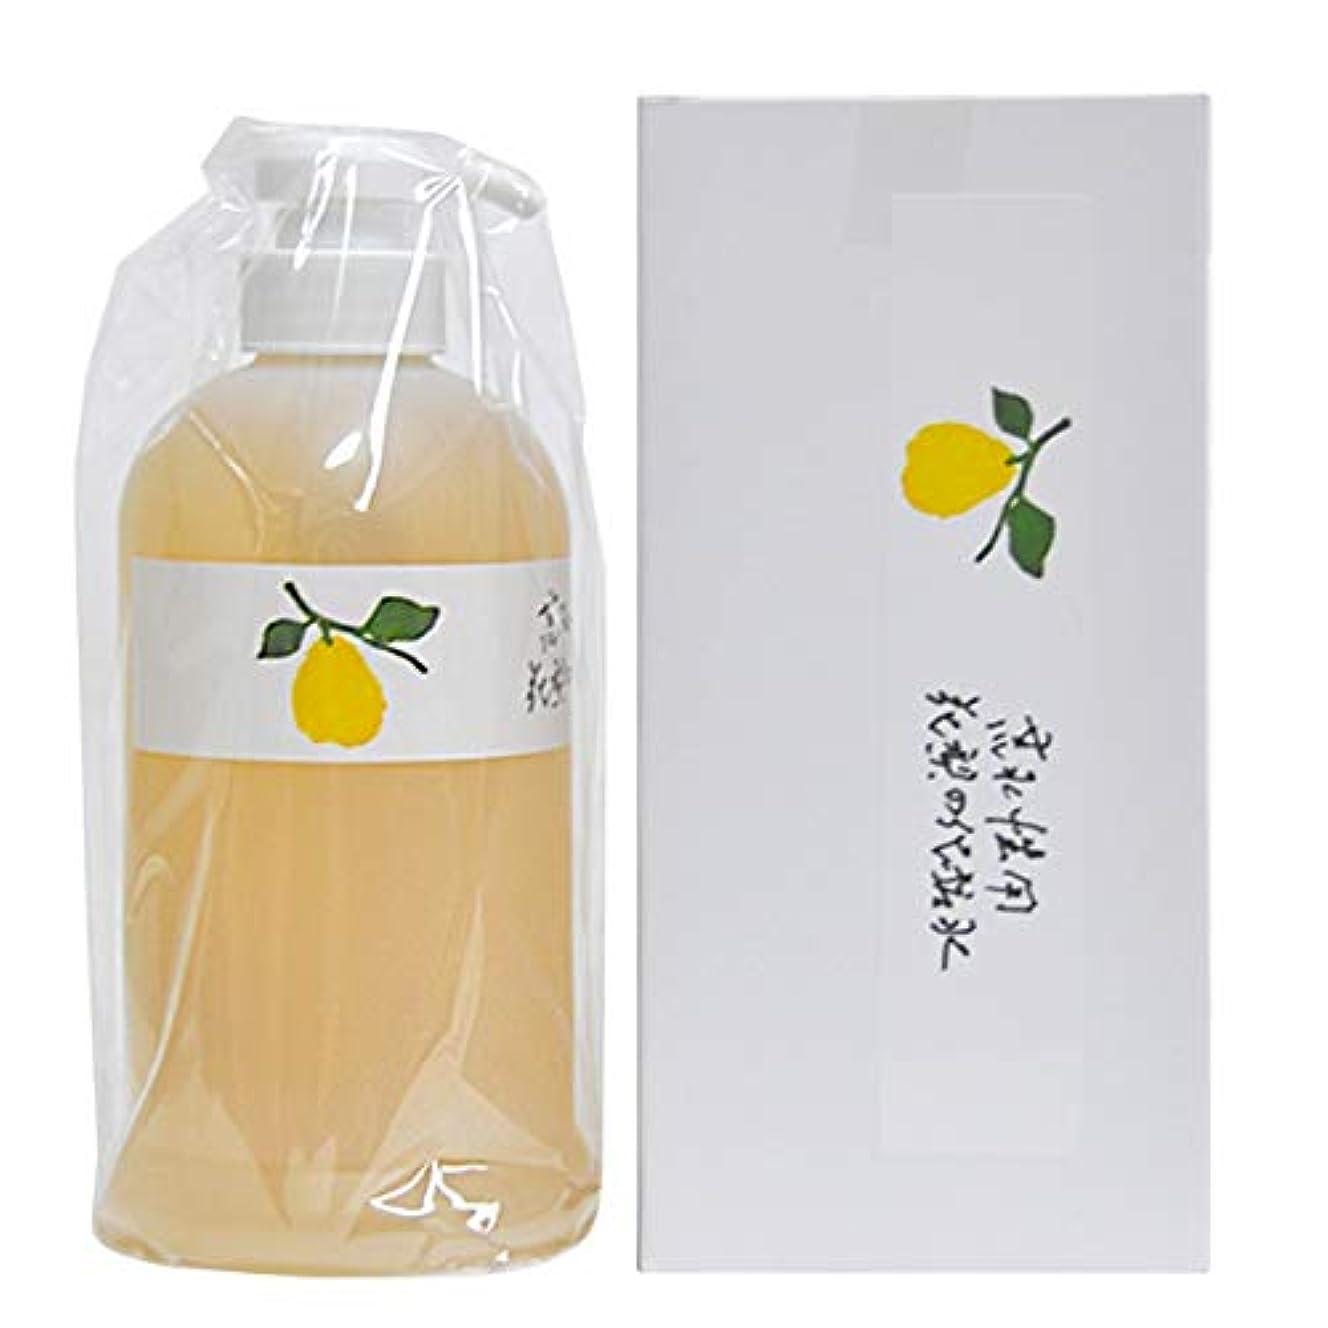 オーバーコート汚物エイズ花梨の化粧水 お徳用ホームサイズ 630ml